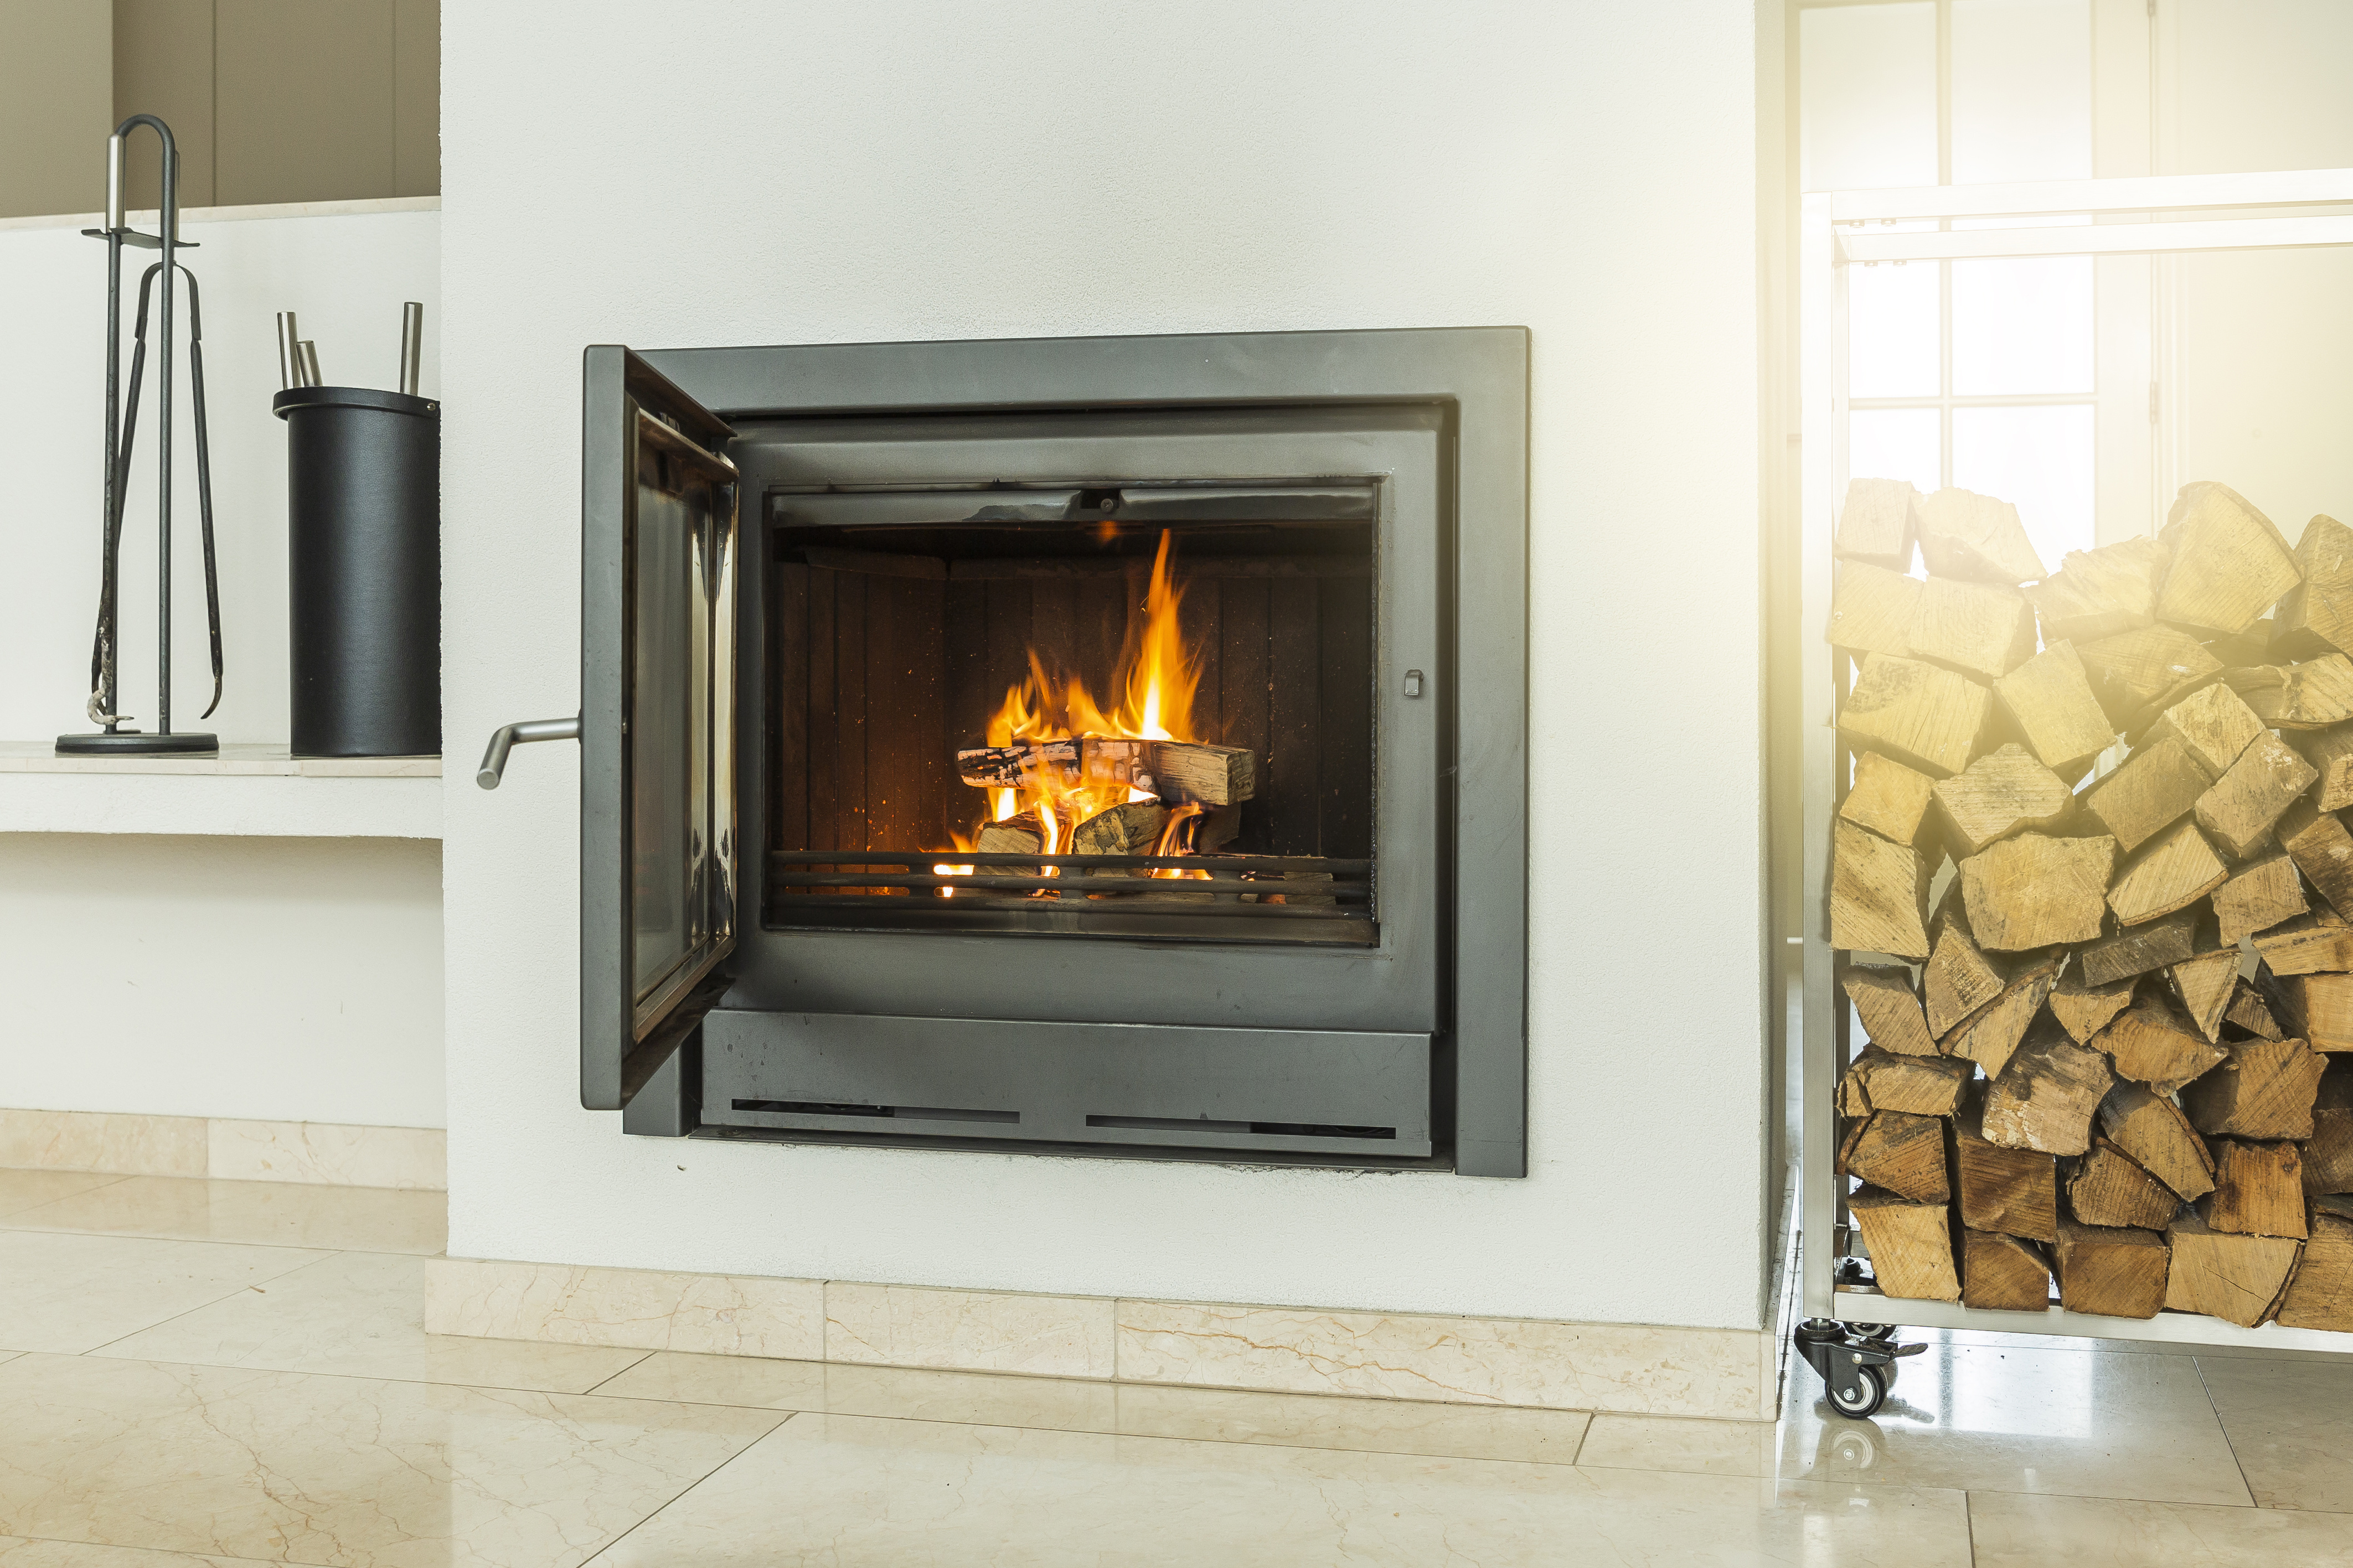 Habiller Un Conduit De Cheminée pose d'une cheminée et prix d'une cheminée : le guide